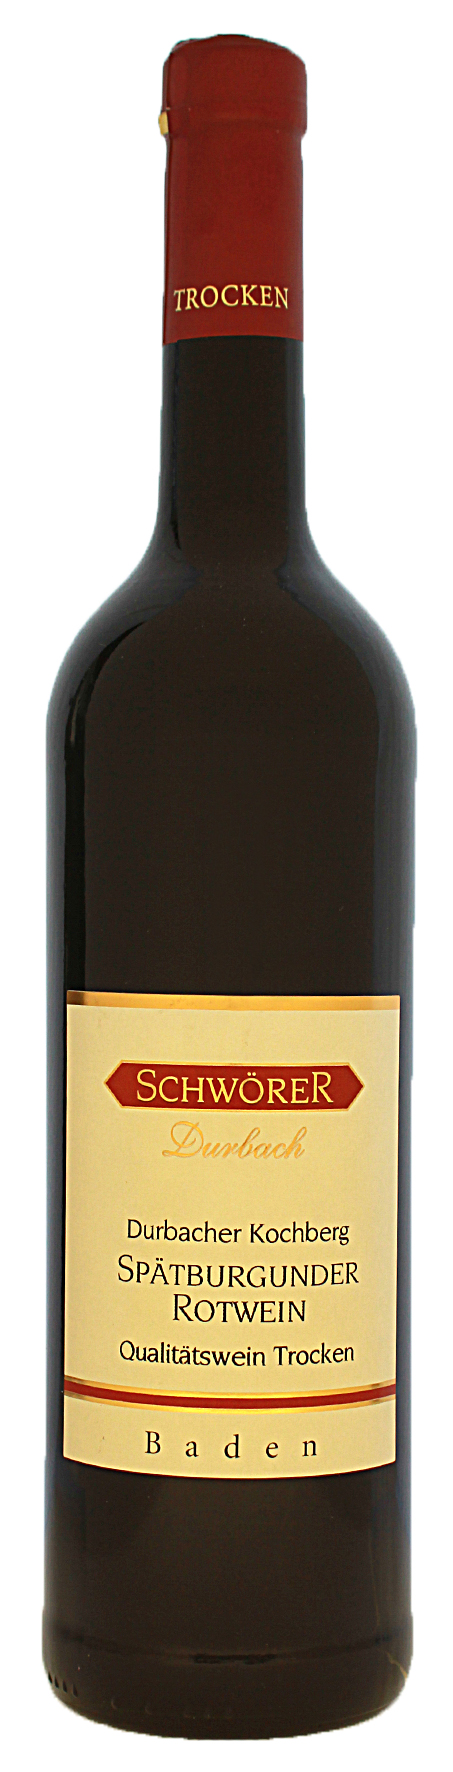 Durbacher Kochberg Spätburgnder Rotwein trocken Weingut Schwörer Durbach 2018